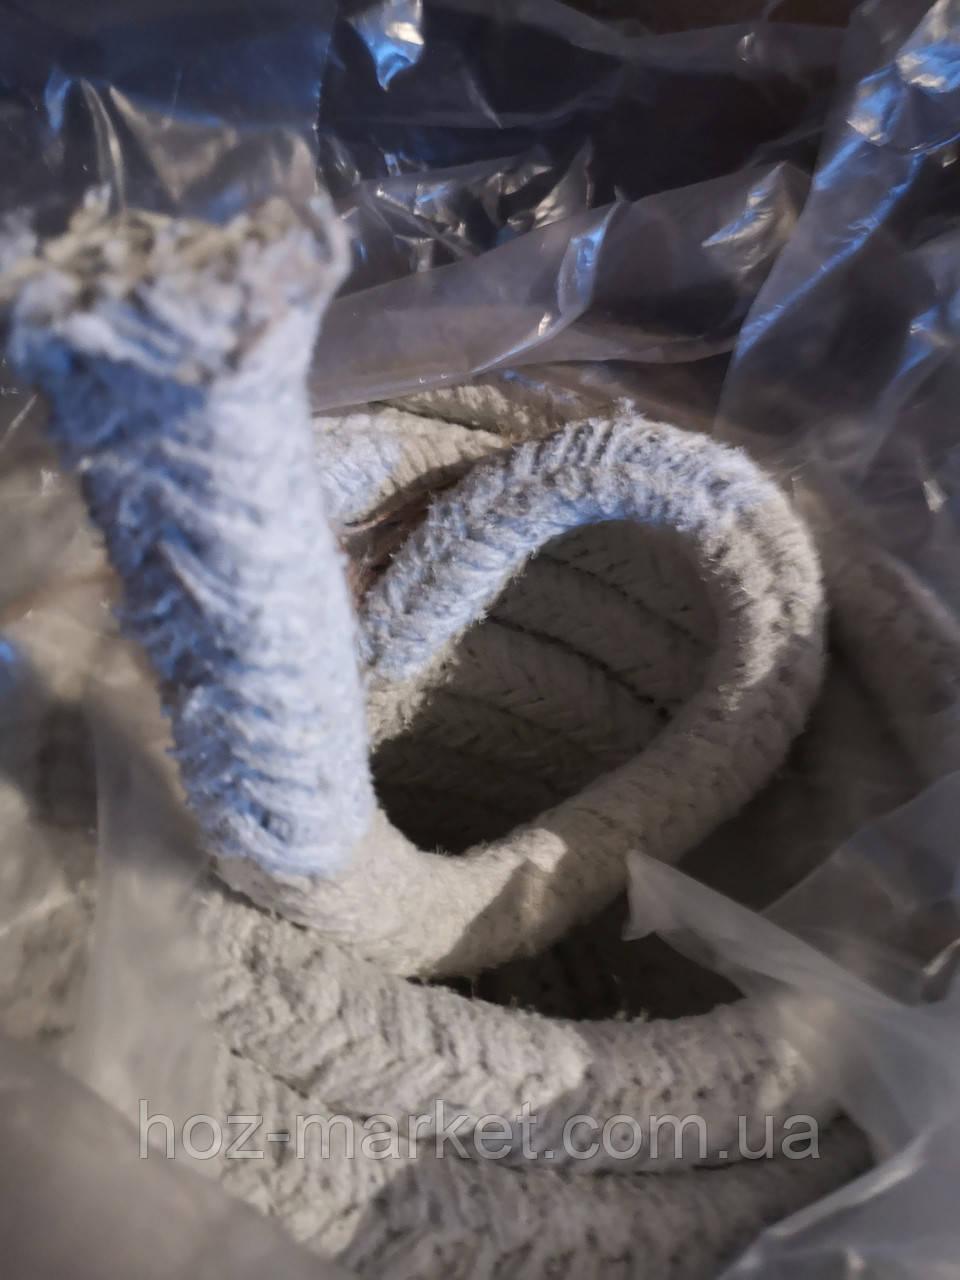 Шнур асбестовый, уплотнительный для котлов на метраж АС 19х19мм уплотнение дверц